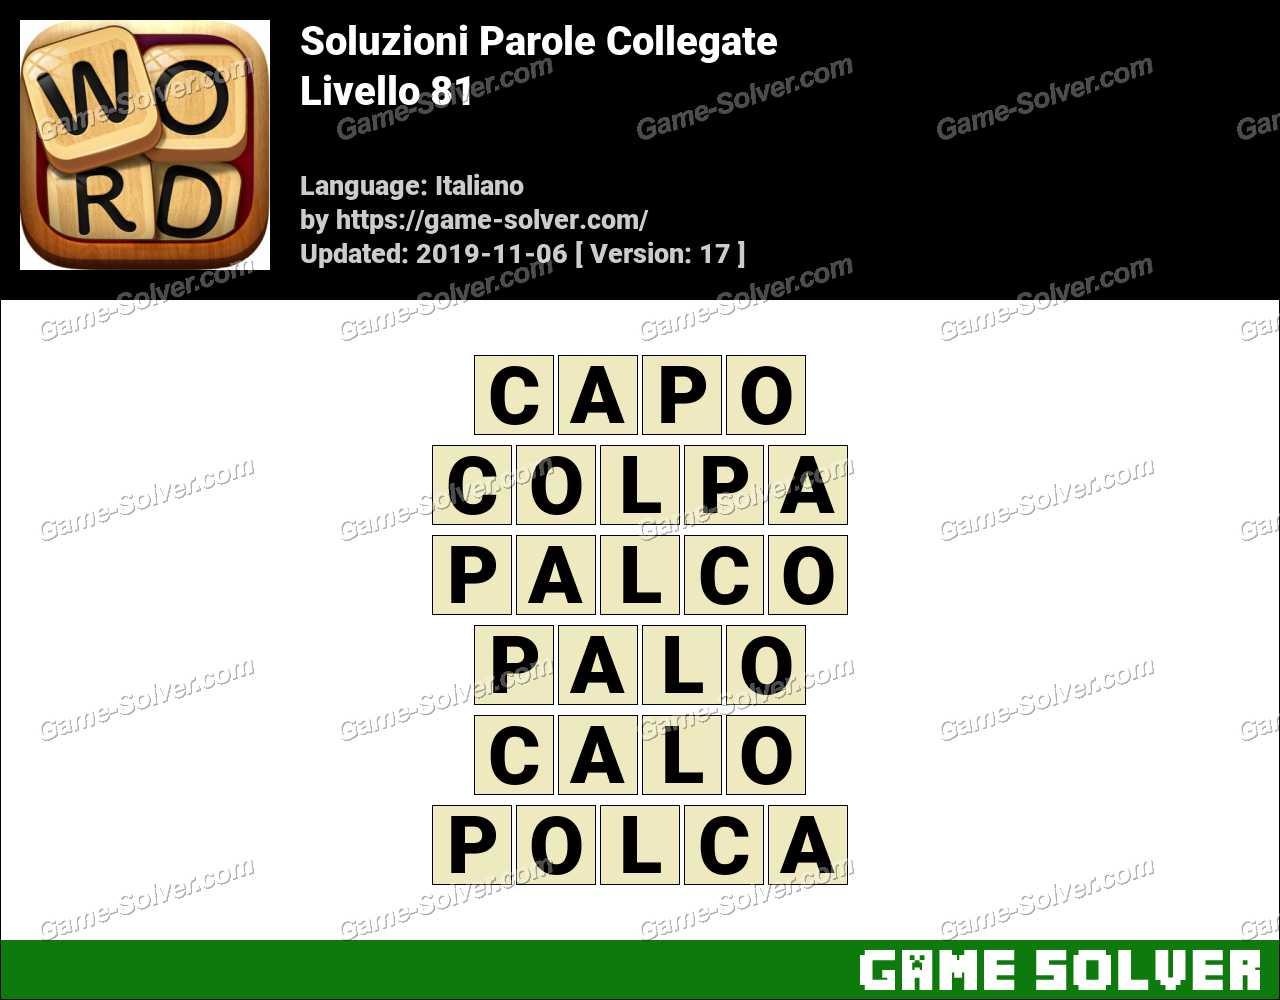 Soluzioni Parole Collegate Livello 81